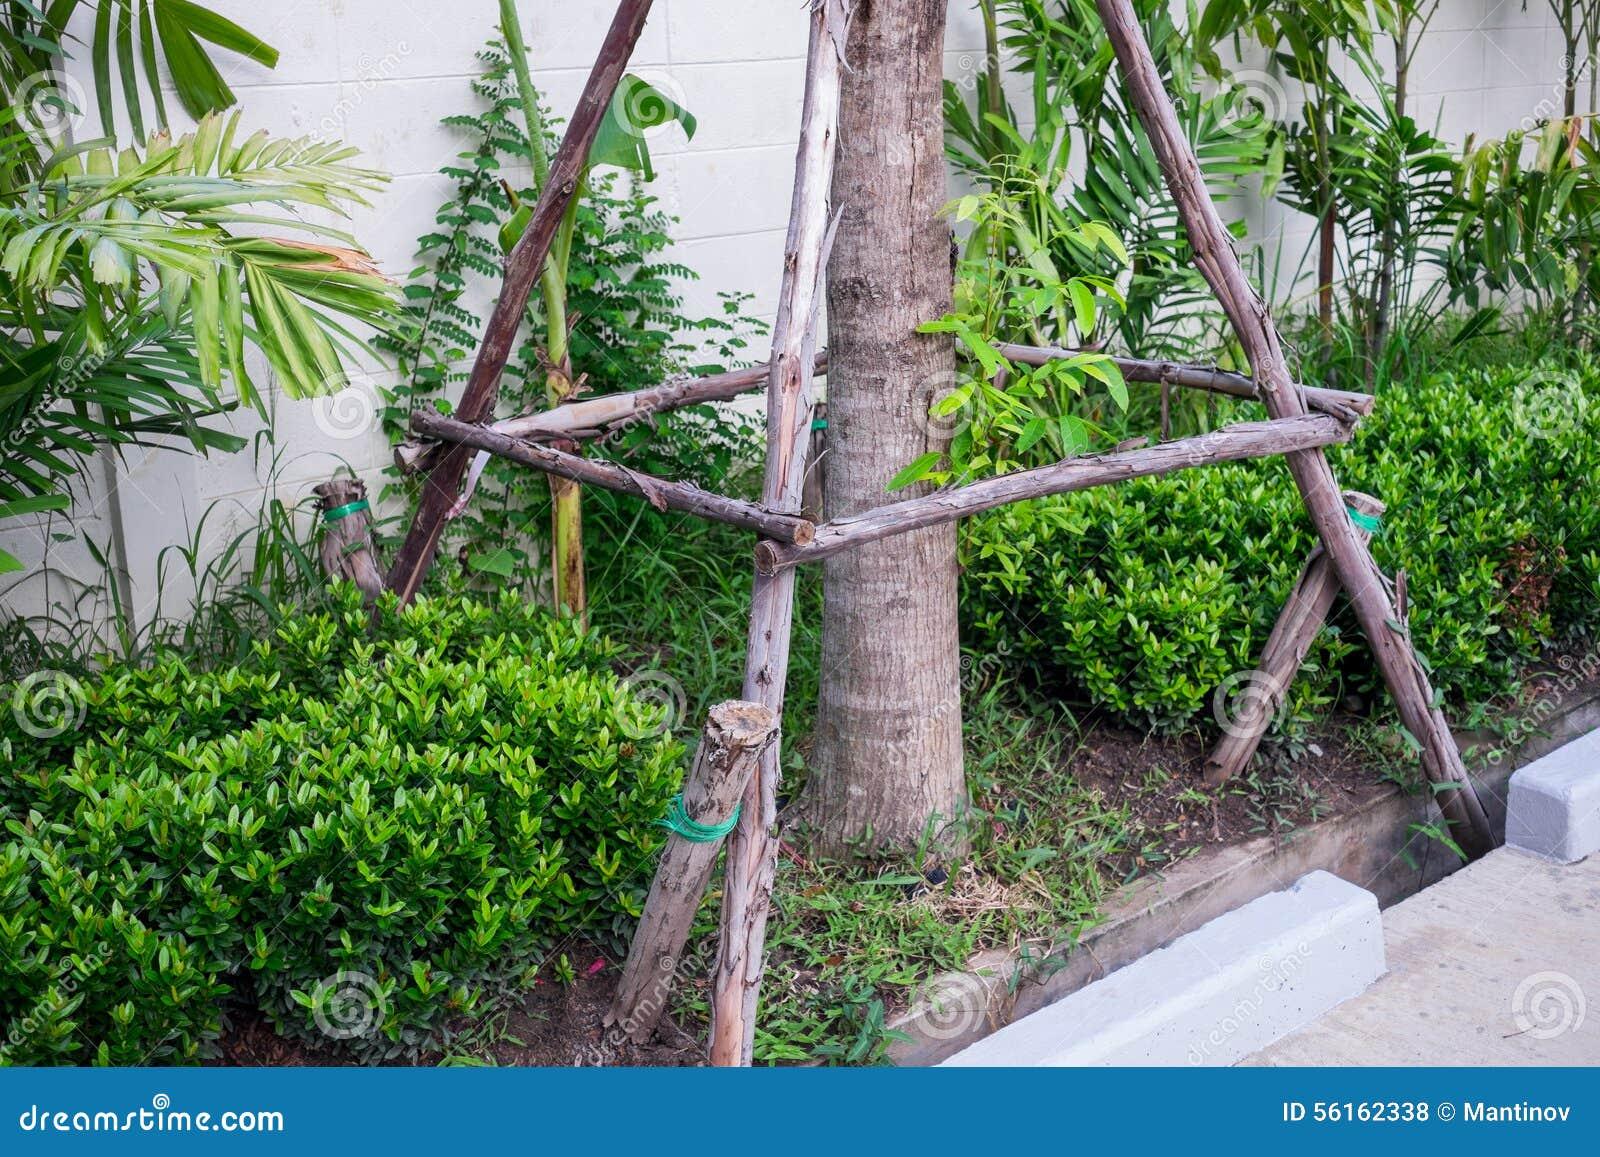 le poteau de soutien en bois pour l 39 arbre replantent photo stock image 56162338. Black Bedroom Furniture Sets. Home Design Ideas